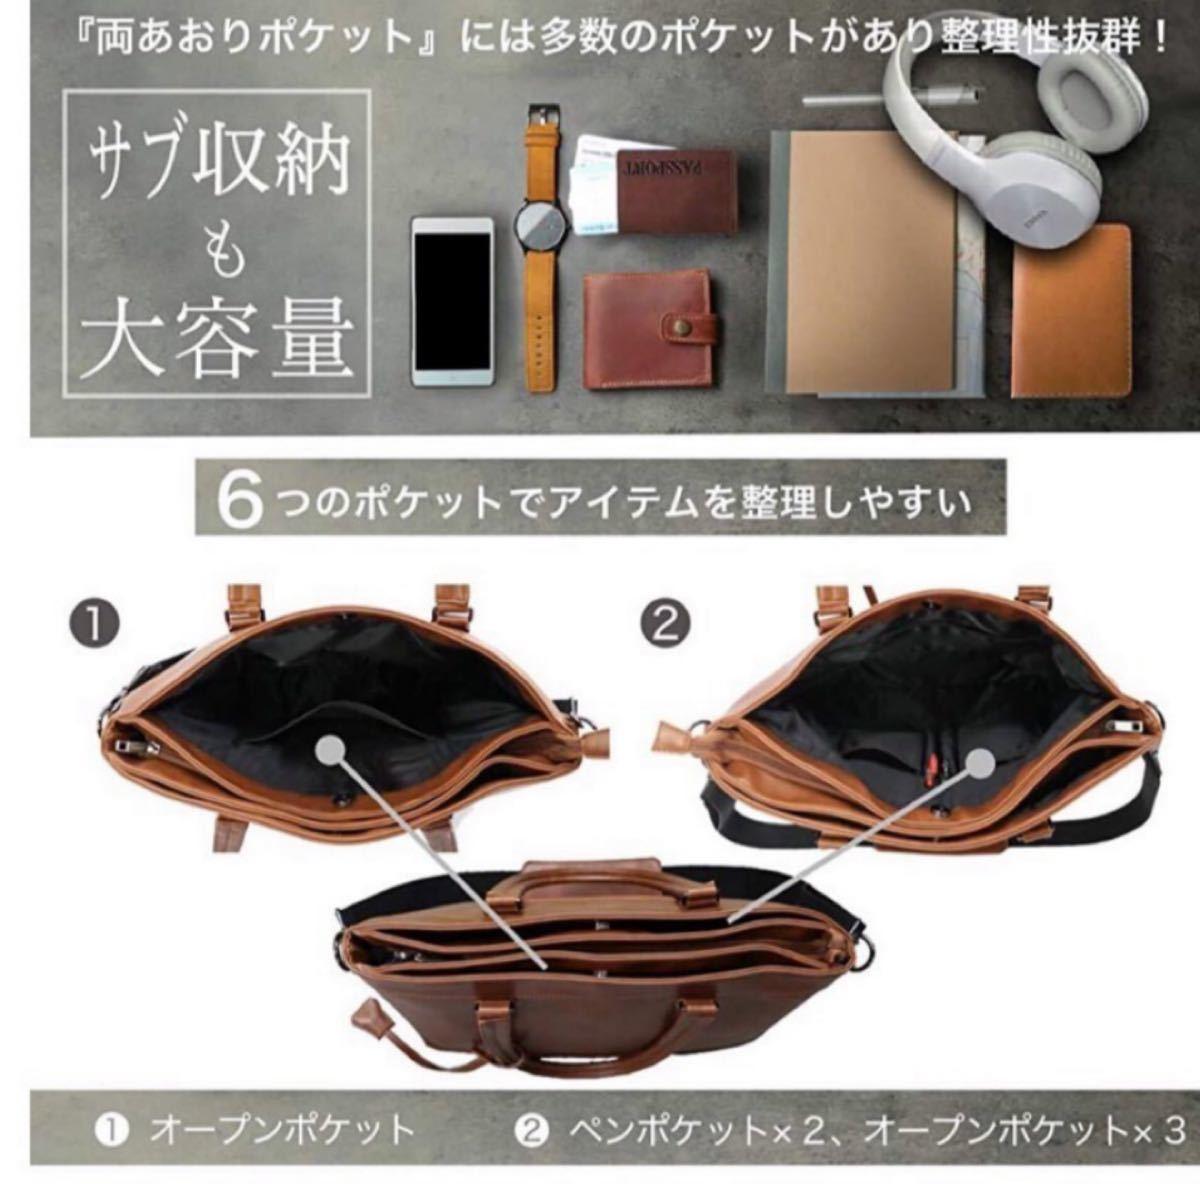 ビジネスバッグ トートバッグ メンズ 自立設計 2way 大型 就活 ビジネス